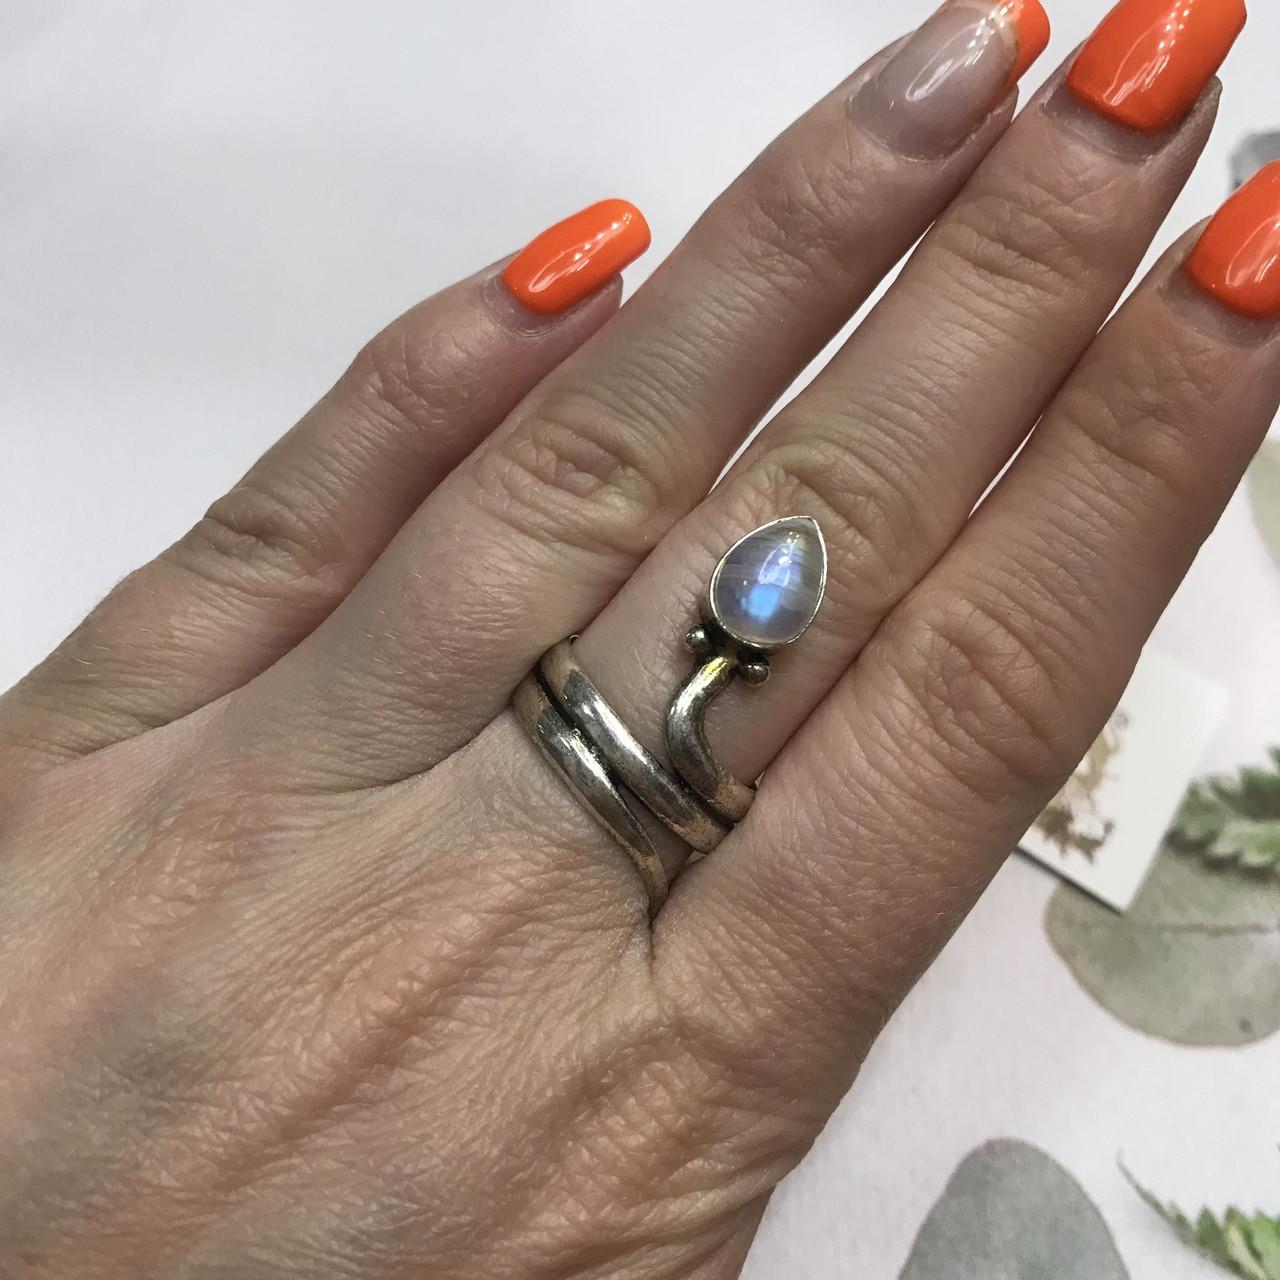 Лунный камень кольцо с натуральным камнем лунный камень в серебре. Кольцо с лунным камнем размер 17,8 Индия